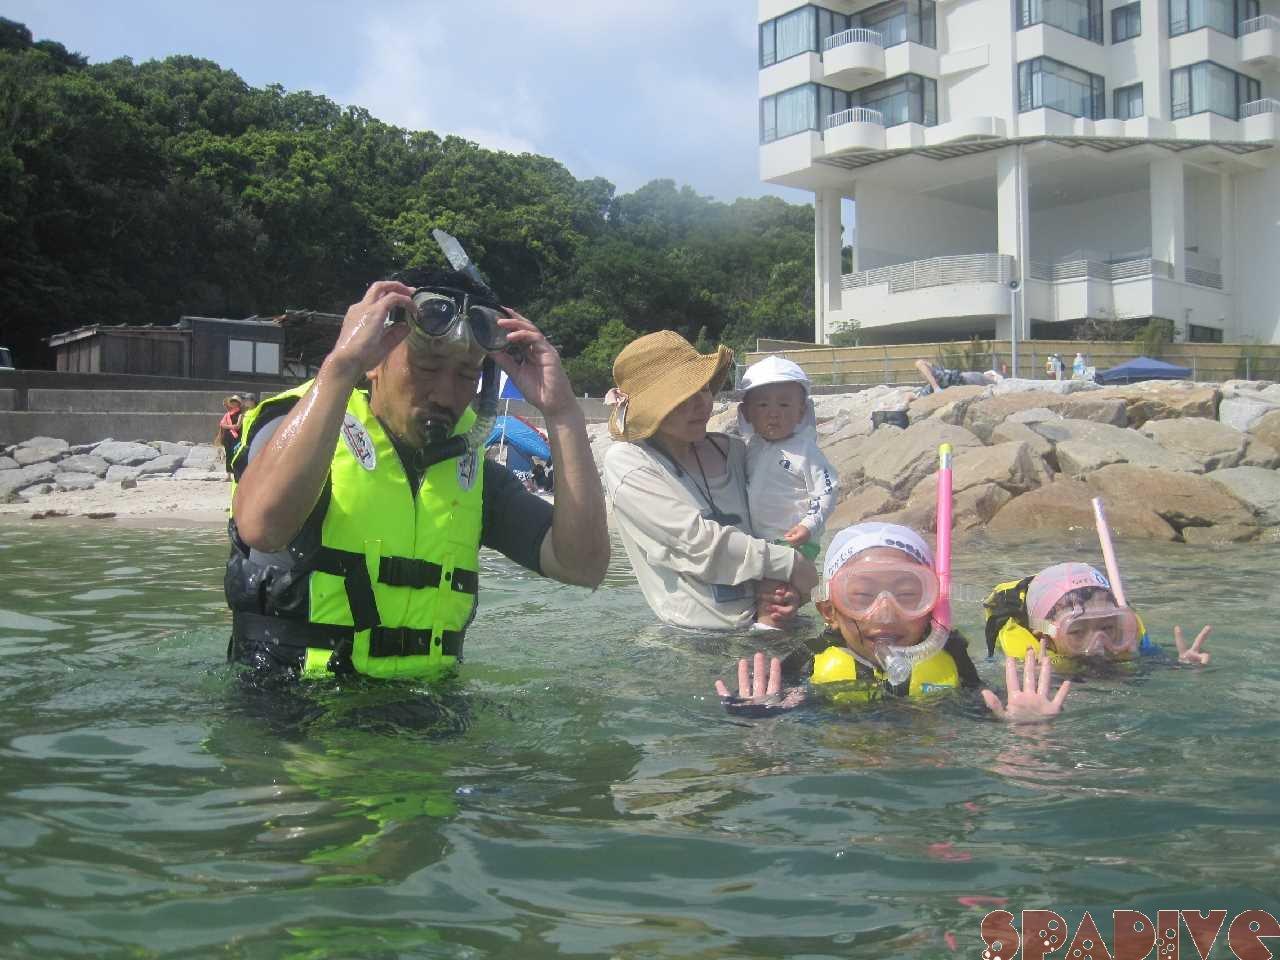 8/30/20体験ダイビング&シュノーケリング&海遊び|白浜権現崎